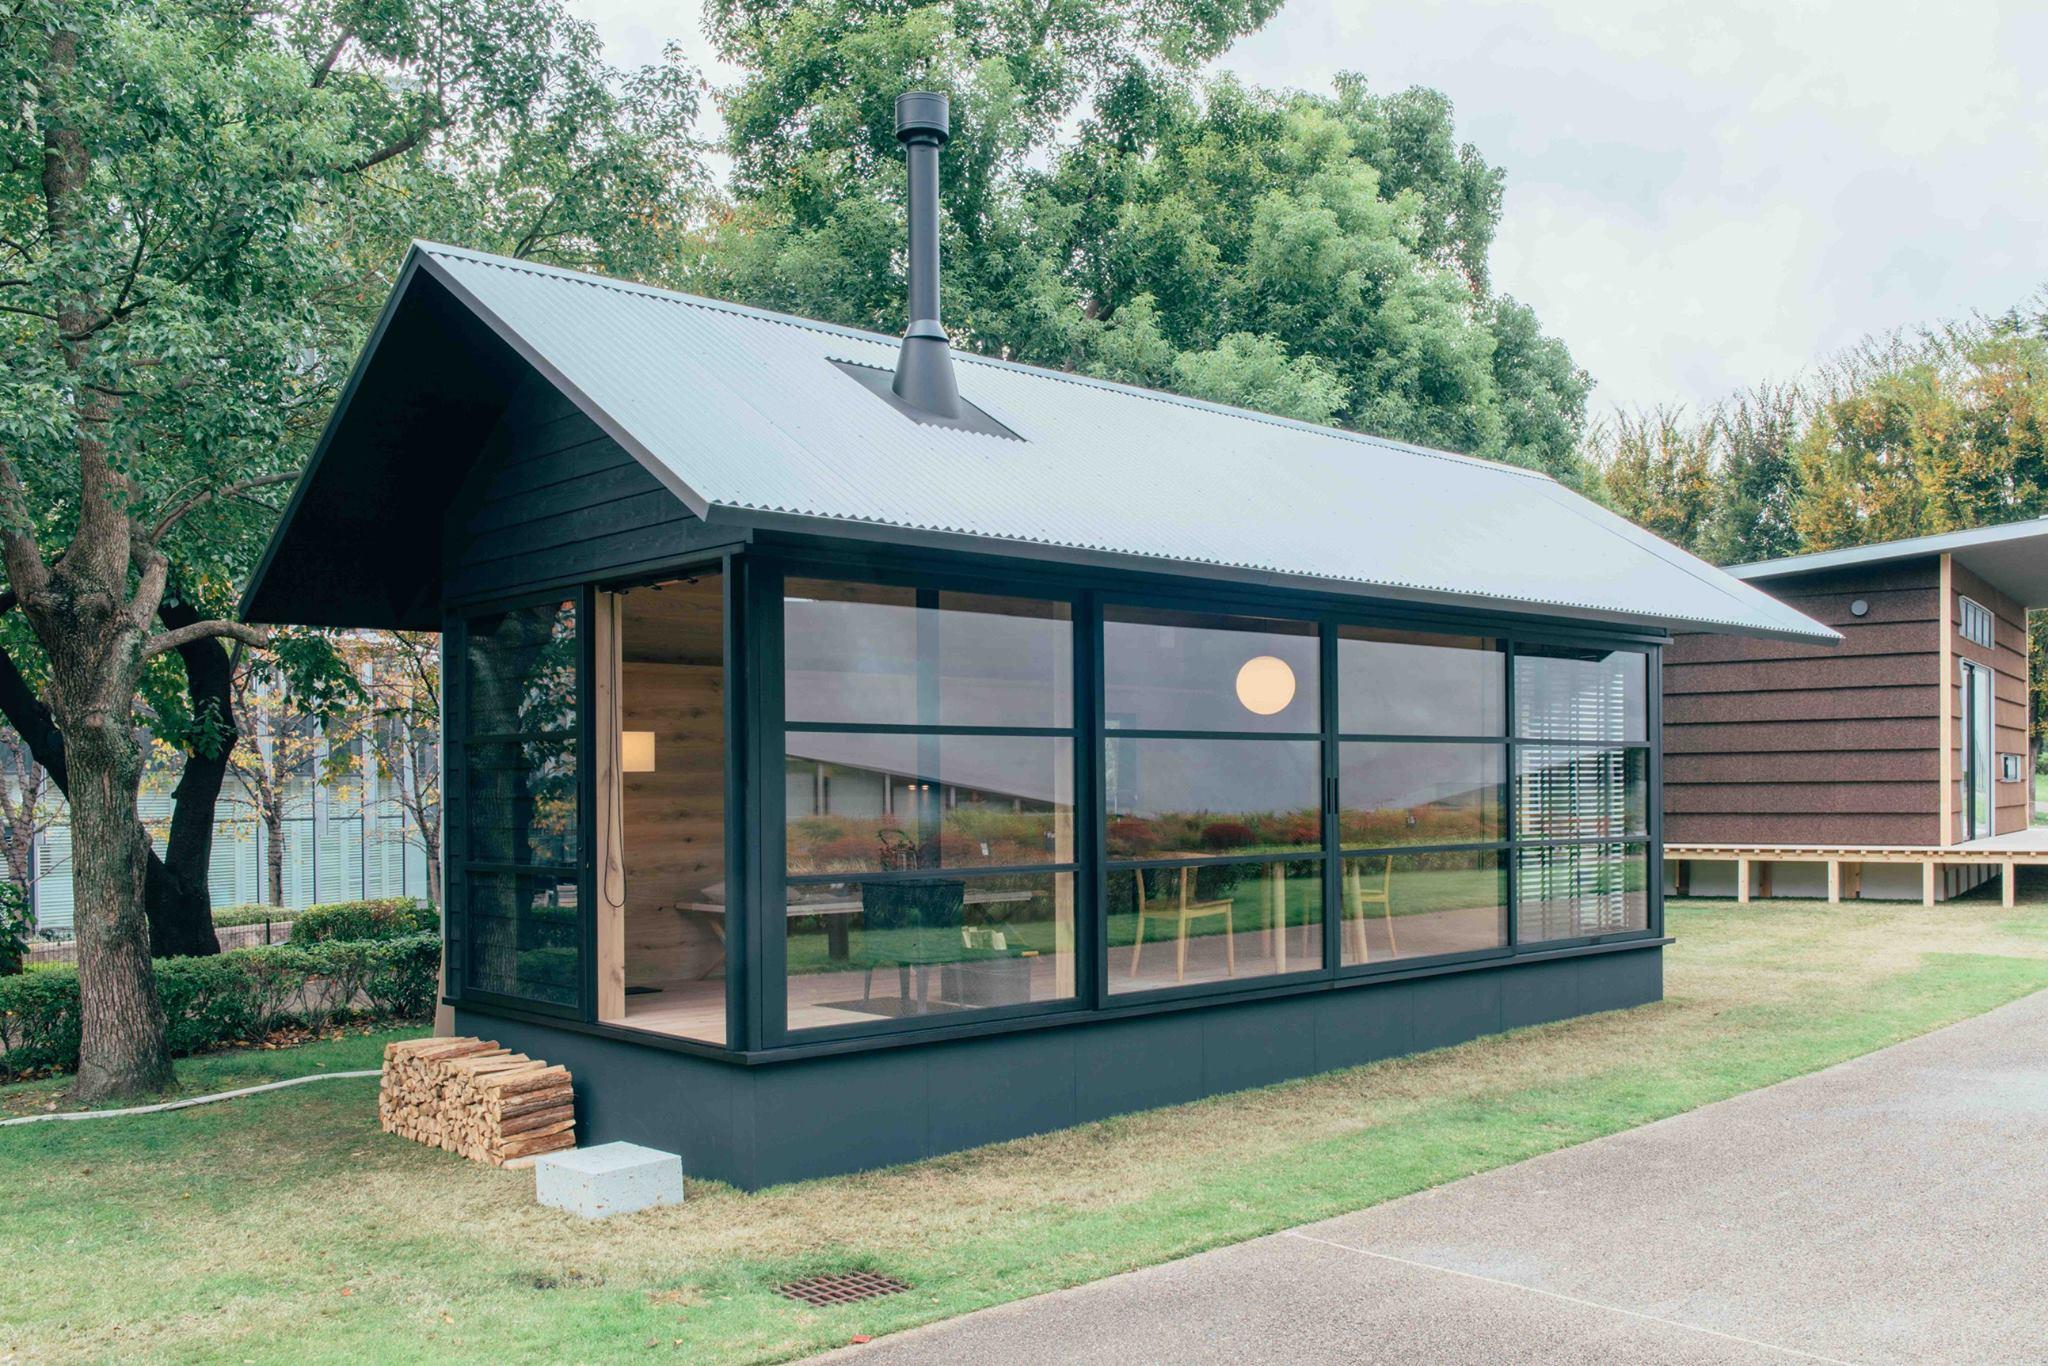 日本人不喜欢买房子而是买地建新屋的习惯